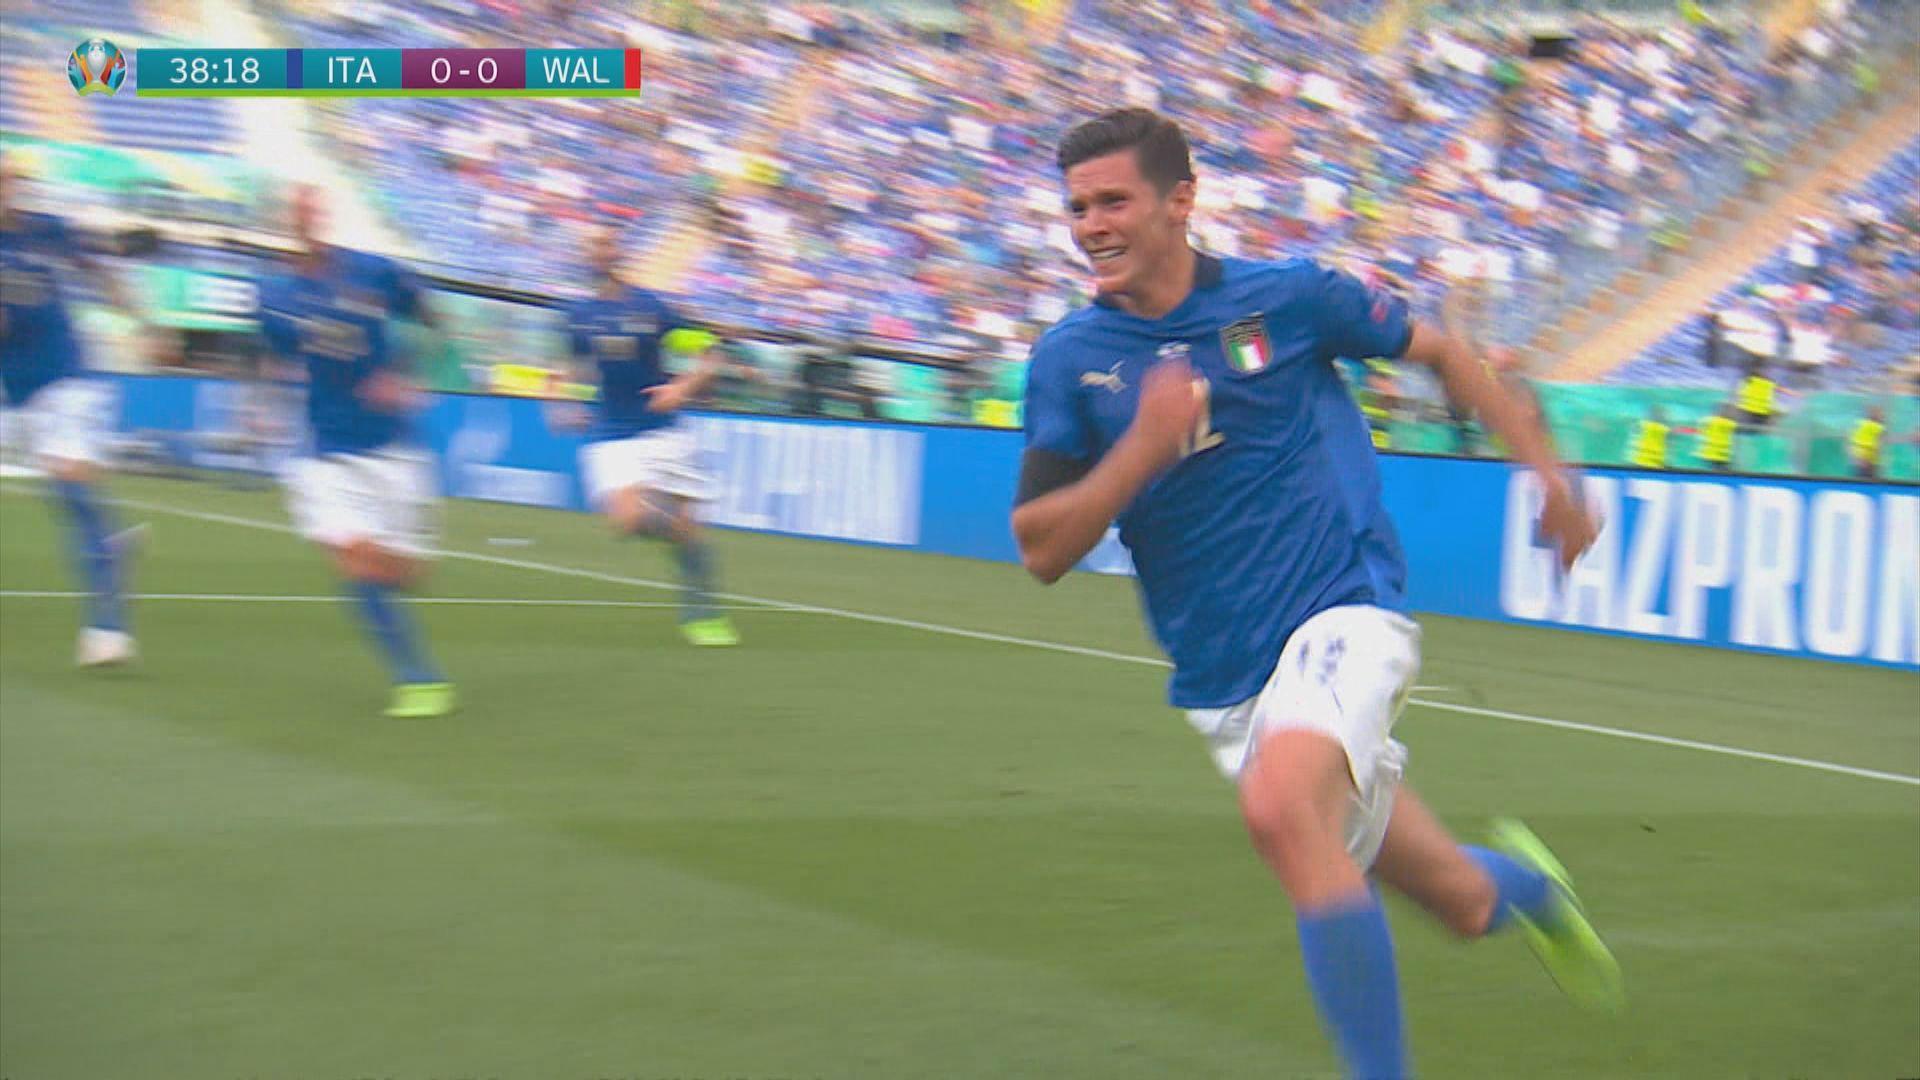 歐國盃 意大利1:0威爾士